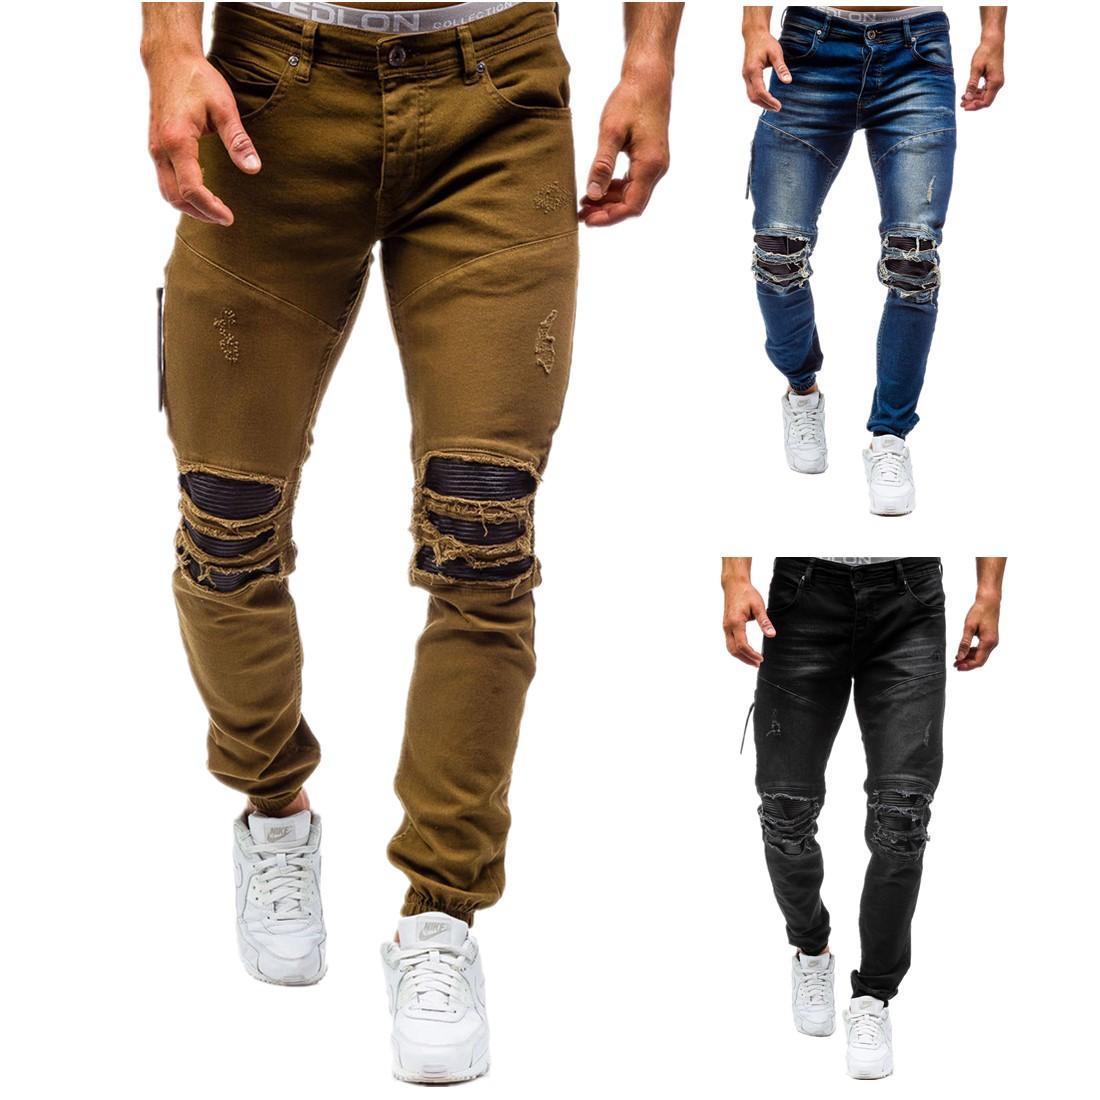 Tahrip erkek ince kot Pantolon Yeni delik kot pantolon erkek Kore versiyonu kendini yetiştirme düz renk büyük boy kot